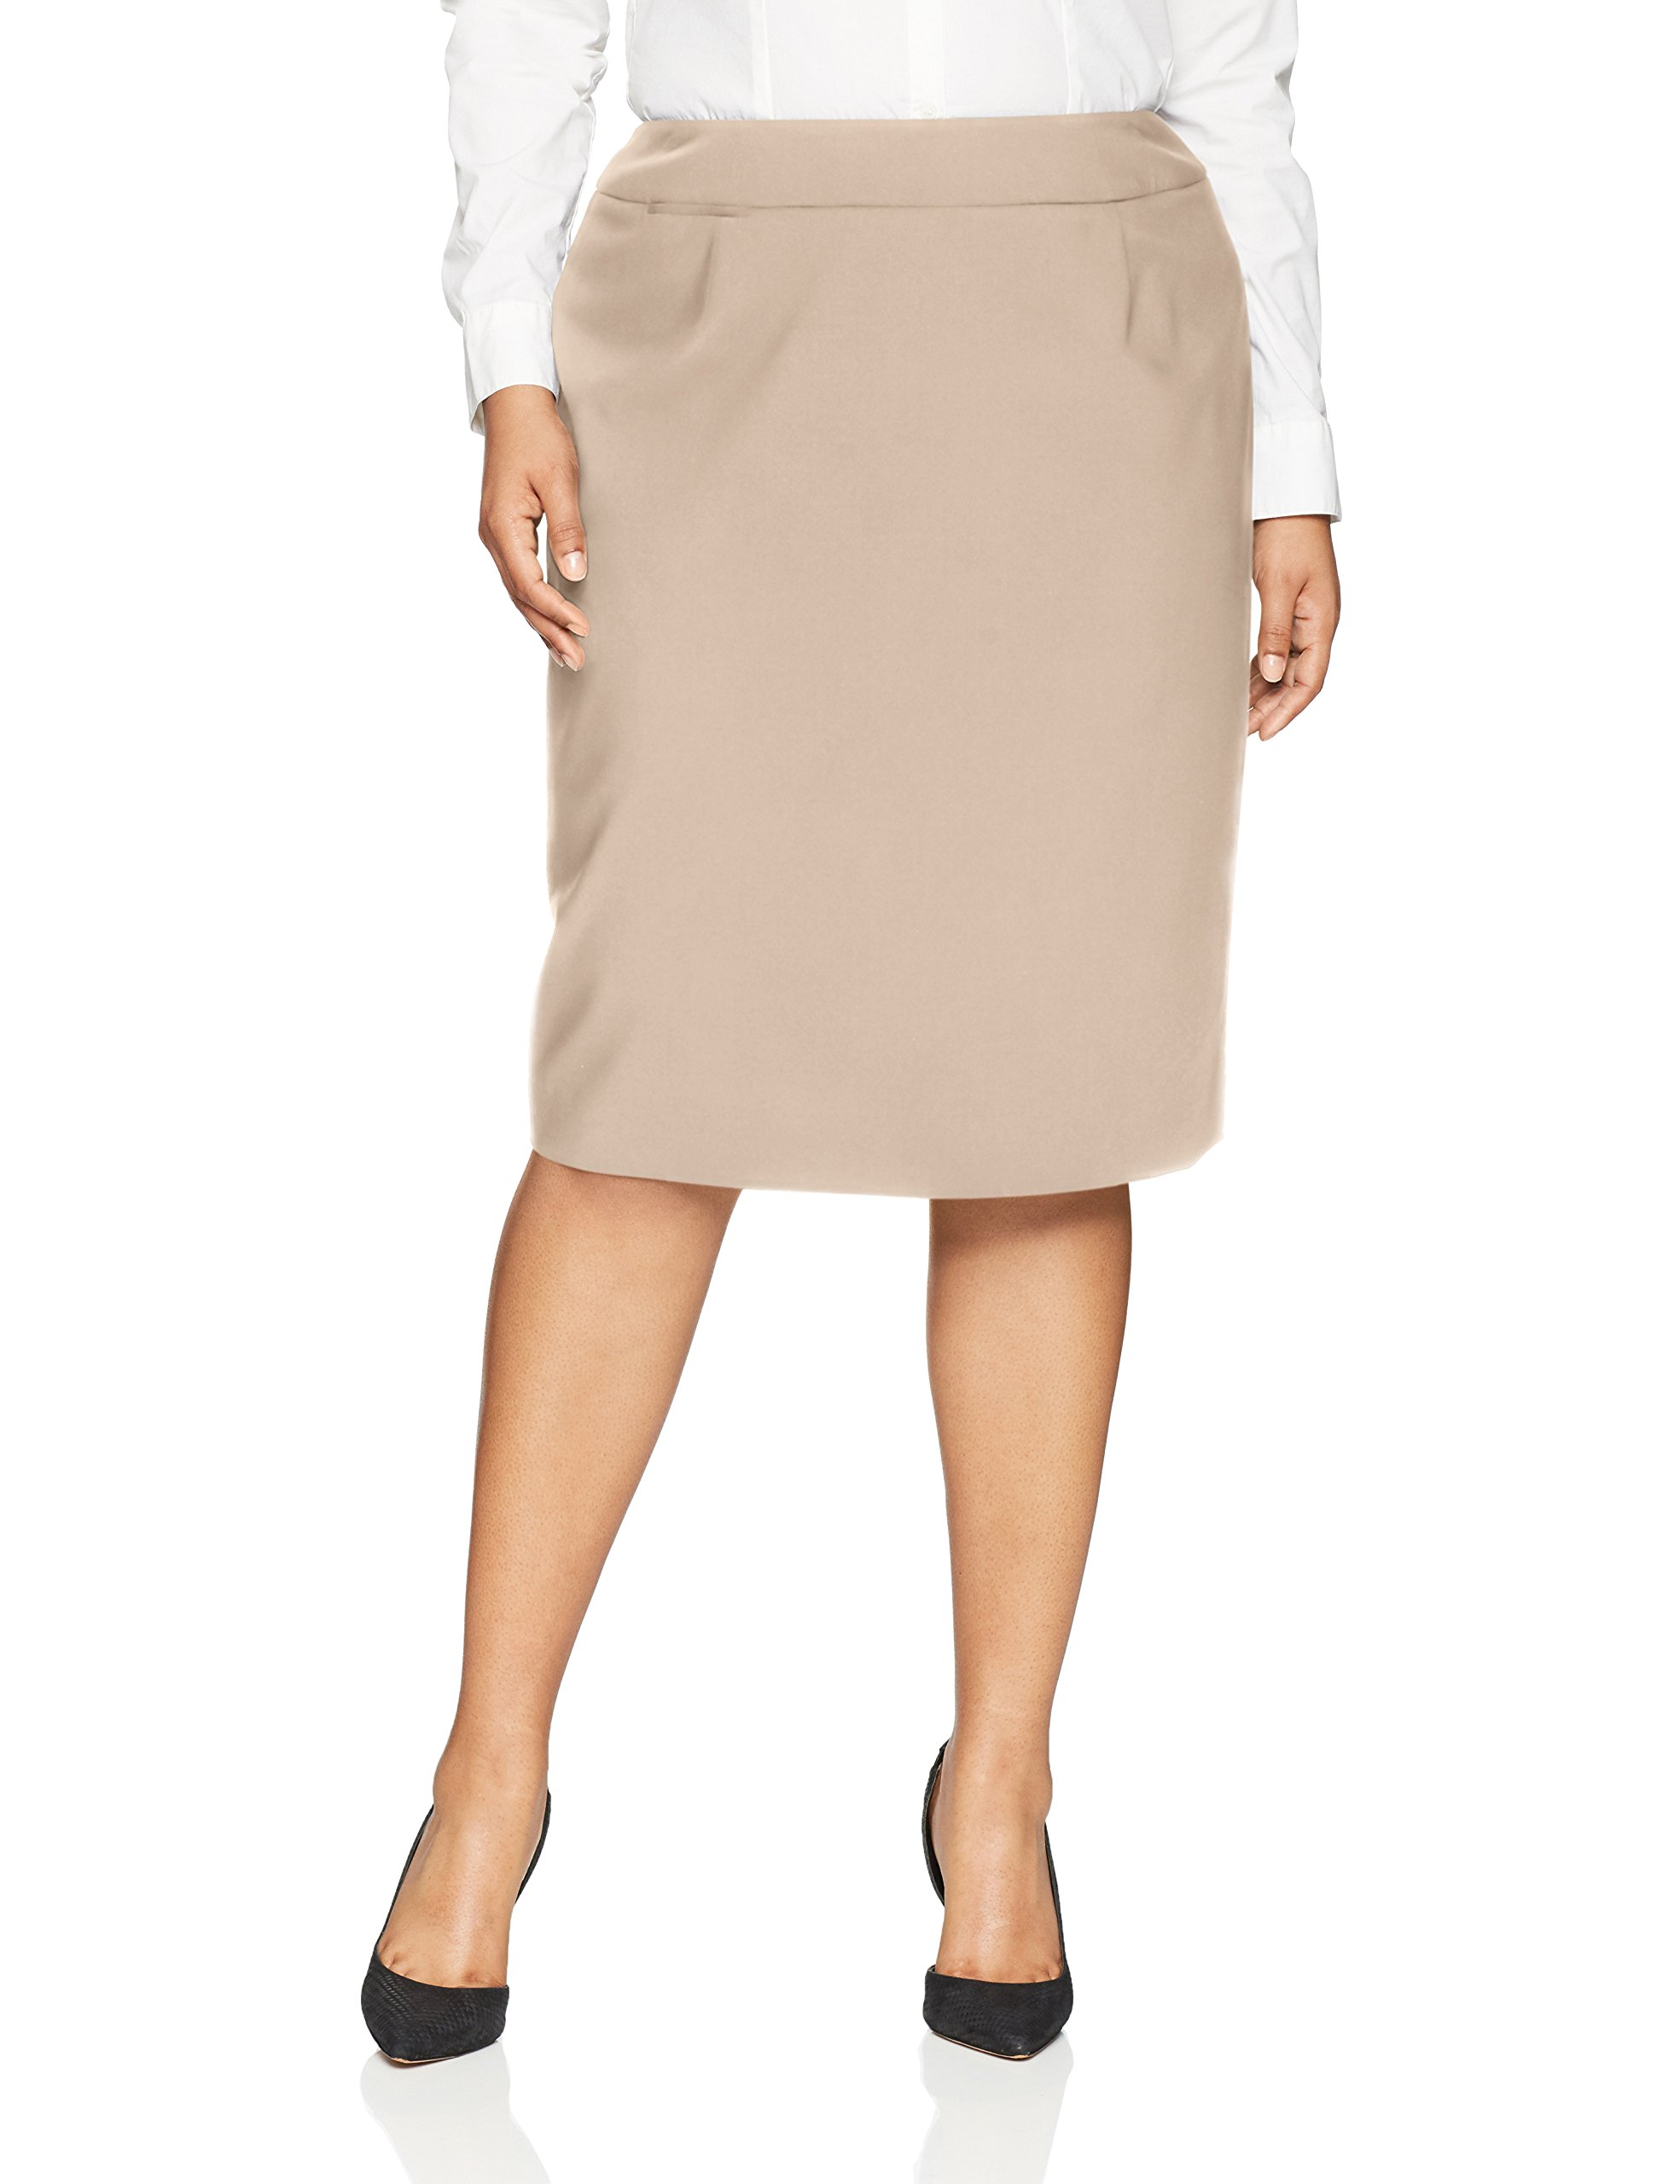 Calvin Klein Women's Plus Size Lux Straight Skirt, Khaki, 16W